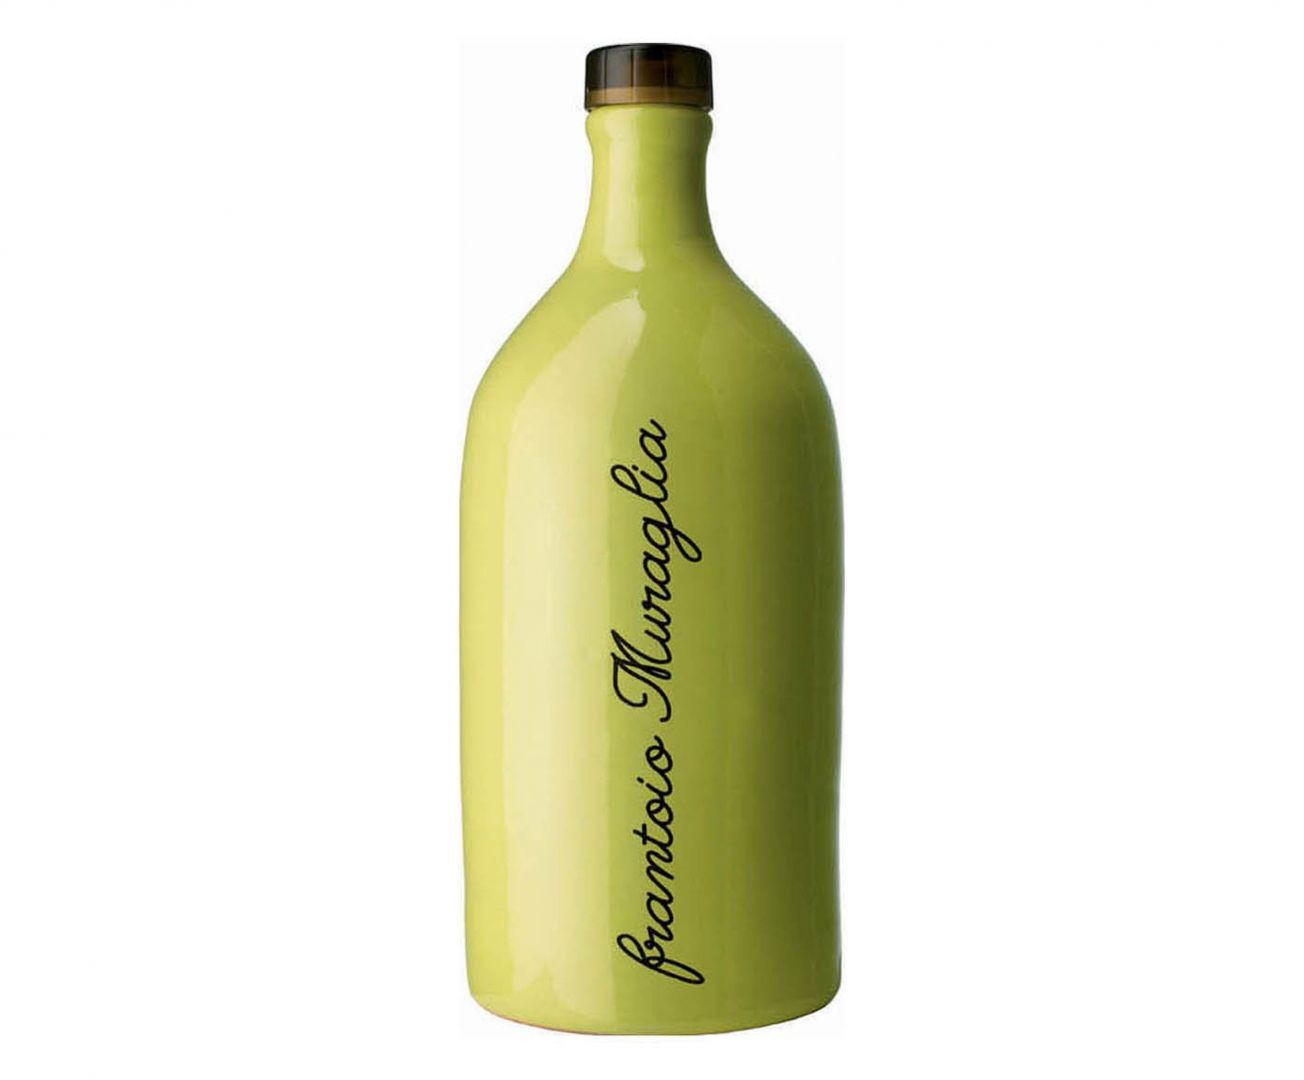 Ceramiczna butelka z oliwą z oliwek, 99 zł, www.westwing.pl